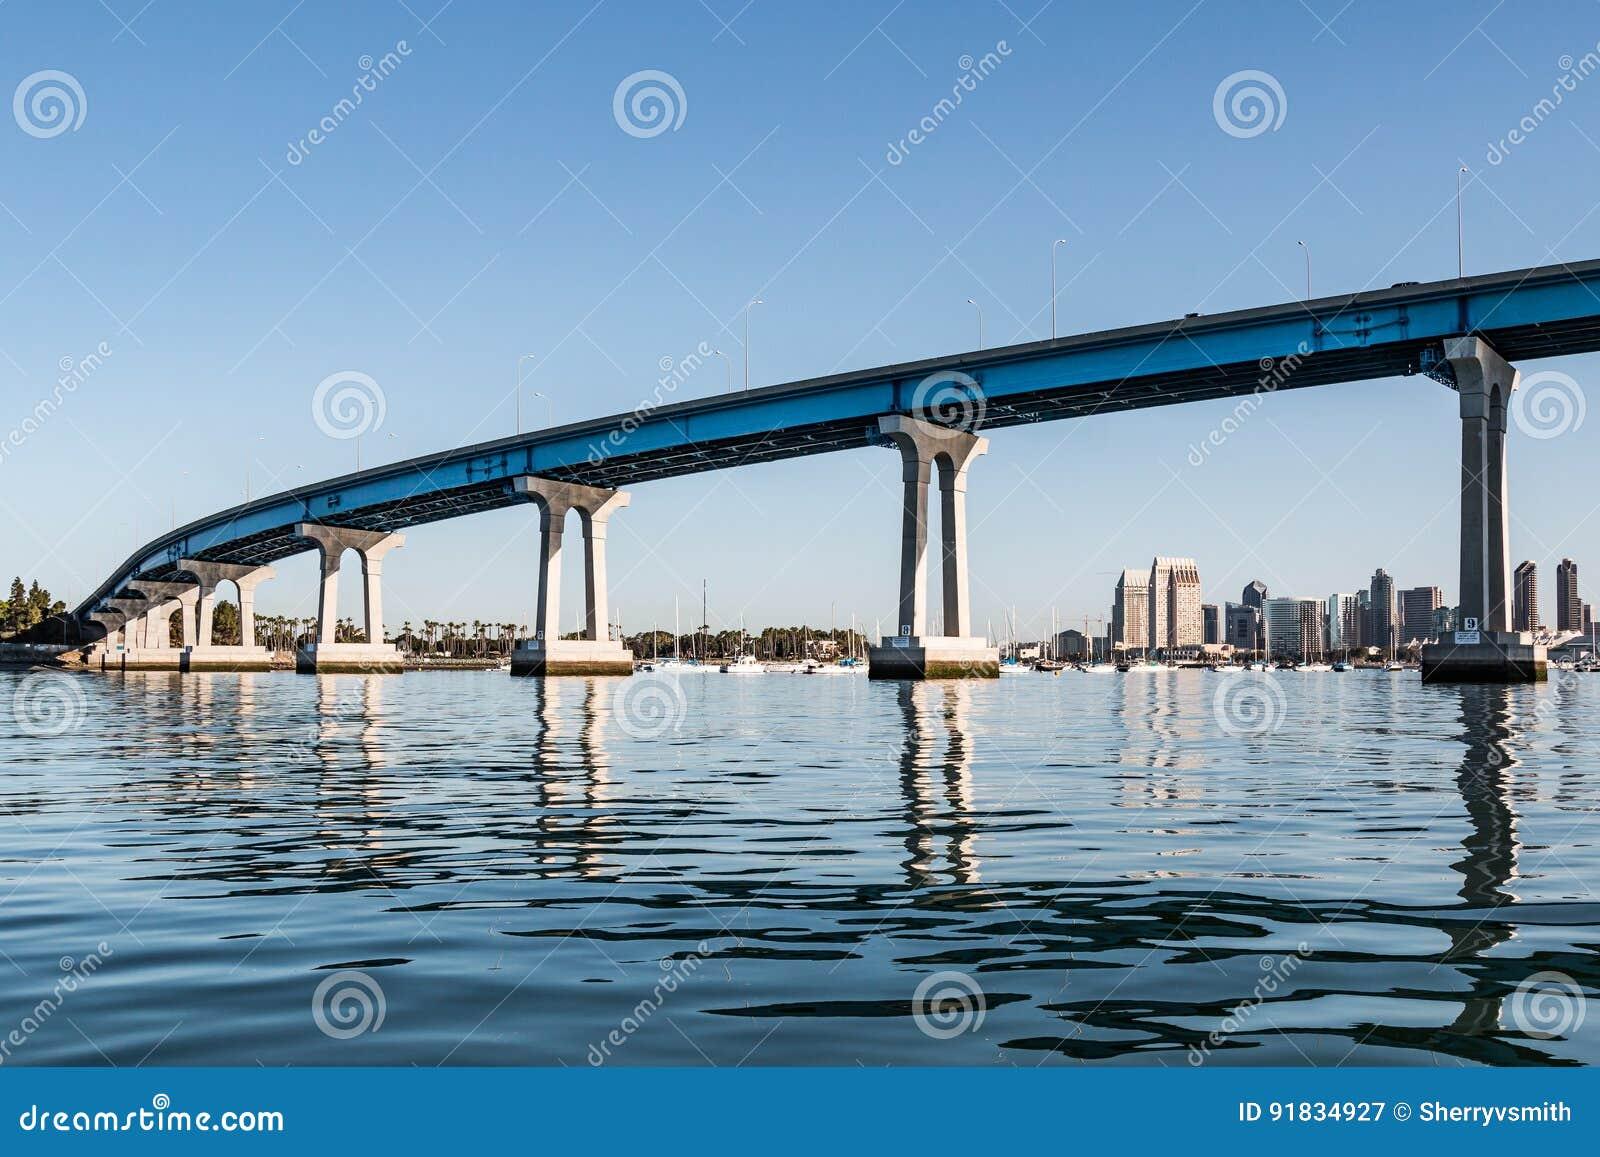 Downtown San Diego and Coronado Bridge